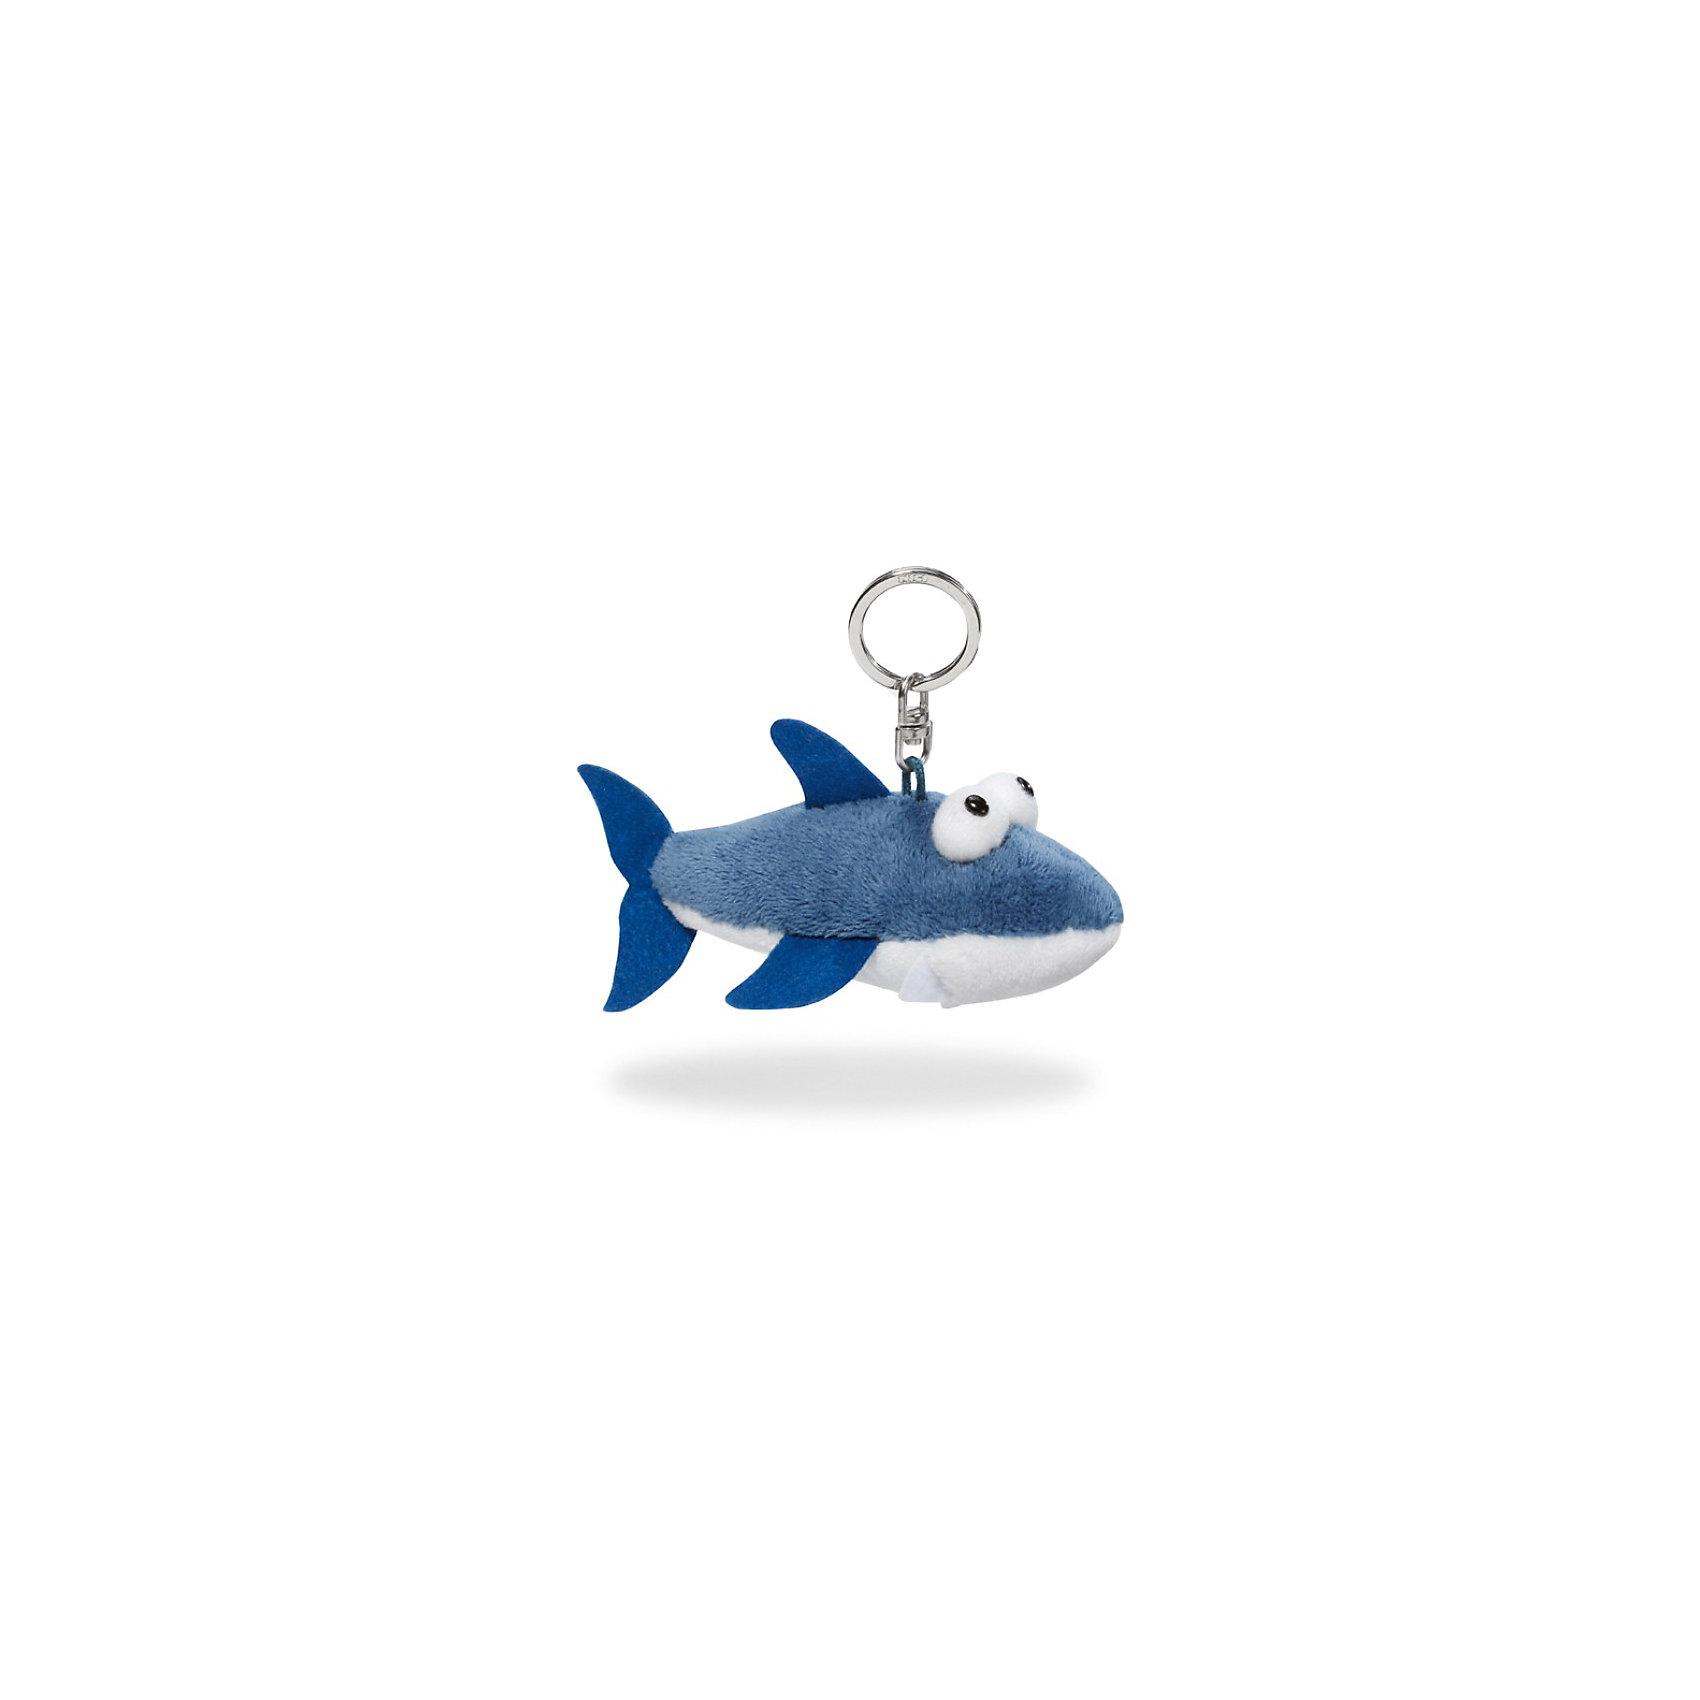 Брелок Акула, 10 см, NICIБрелок Акула, 10 см от NICI – это небольшая мягкая игрушка, которая украсит связку ключей или рюкзачок ребёнка. Игрушки такого размера интересно коллекционировать, а также они могут послужить небольшим приятным сувениром. Уникальный дизайн брелока непременно привлечёт к нему внимание. <br>Изготовлен из экологически чистых материалов: высококачественного плюша и гипоаллергенного синтепона. Не деформируется и не теряет внешний вид при стирке.<br><br>Дополнительная информация:<br><br>- Размер брелока: 10 см.<br>- Материал: плюш, синтепон<br><br>Брелок Акула, 10 см можно купить в нашем интернет-магазине.<br><br>Ширина мм: 110<br>Глубина мм: 80<br>Высота мм: 45<br>Вес г: 27<br>Возраст от месяцев: 36<br>Возраст до месяцев: 1188<br>Пол: Унисекс<br>Возраст: Детский<br>SKU: 3784425